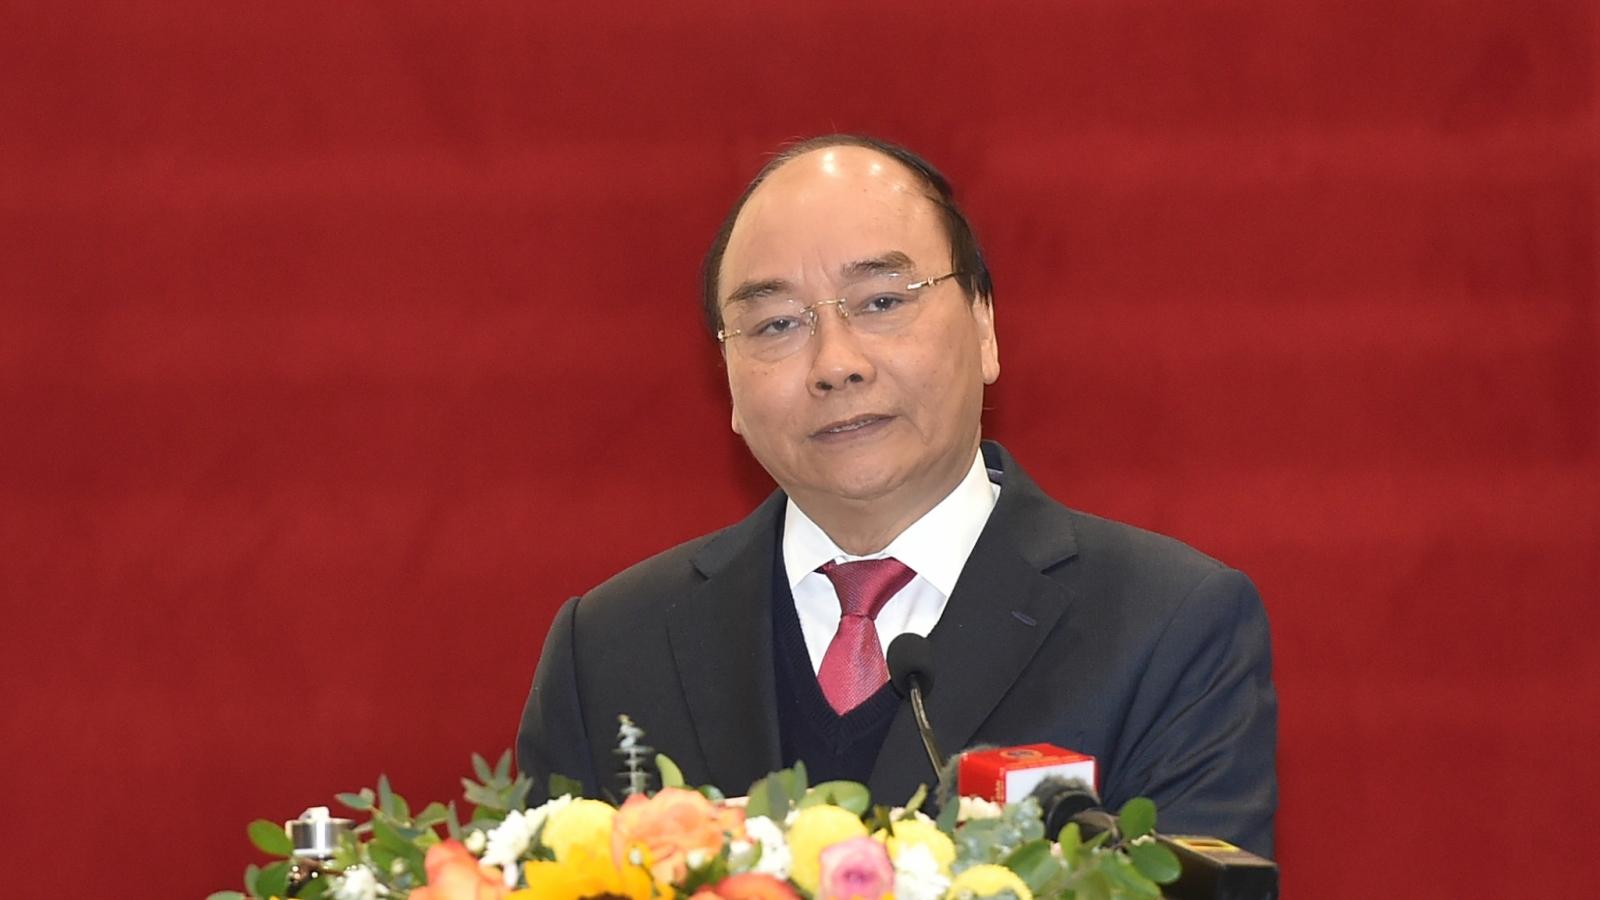 Thủ tướng Nguyễn Xuân Phúc: Mỗi bản án phải là những chuẩn mực pháp lý